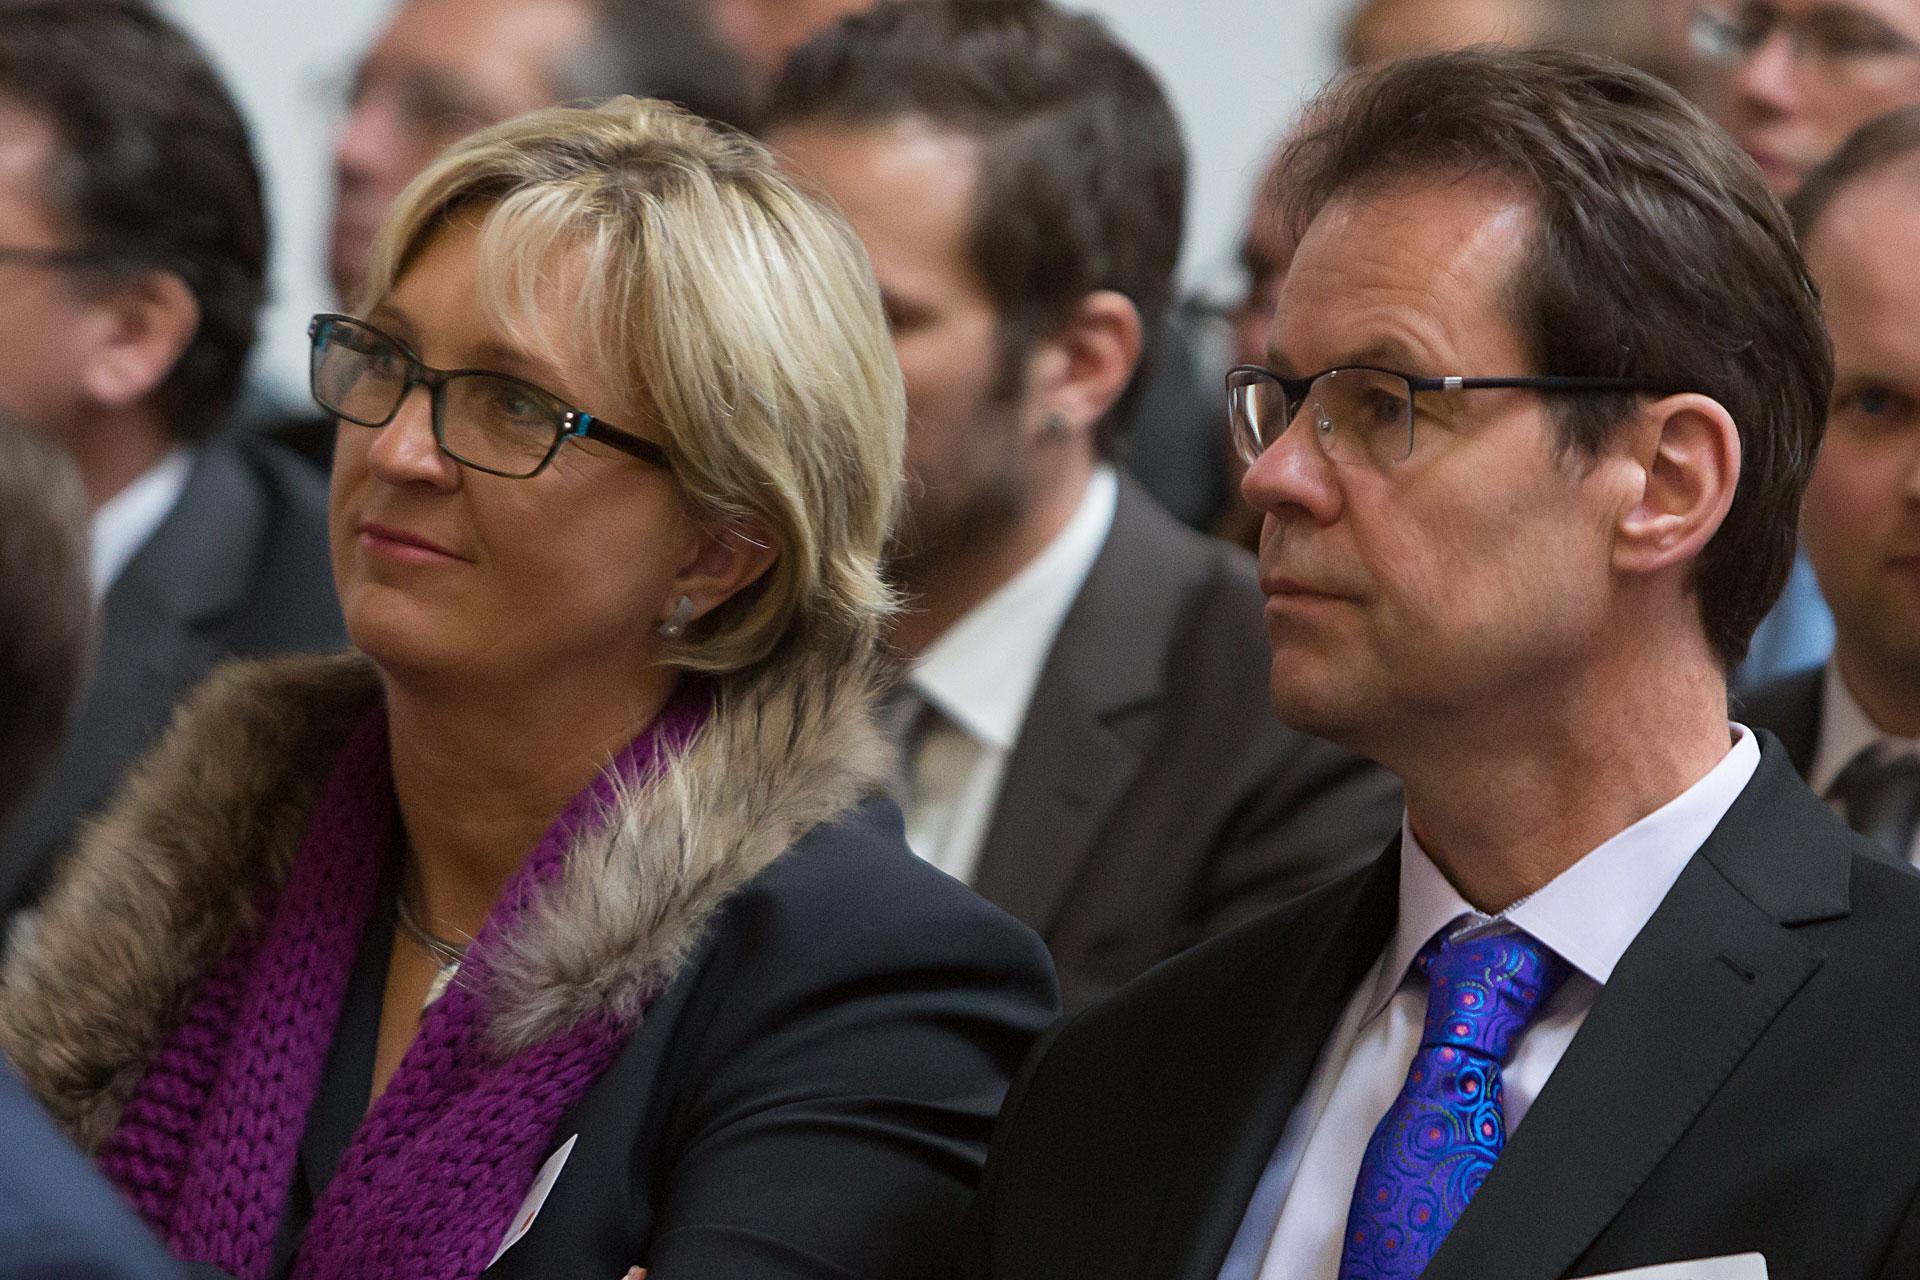 Isabel und Robert Wiehofsky, Architektur und Generalplanung aus Löhne